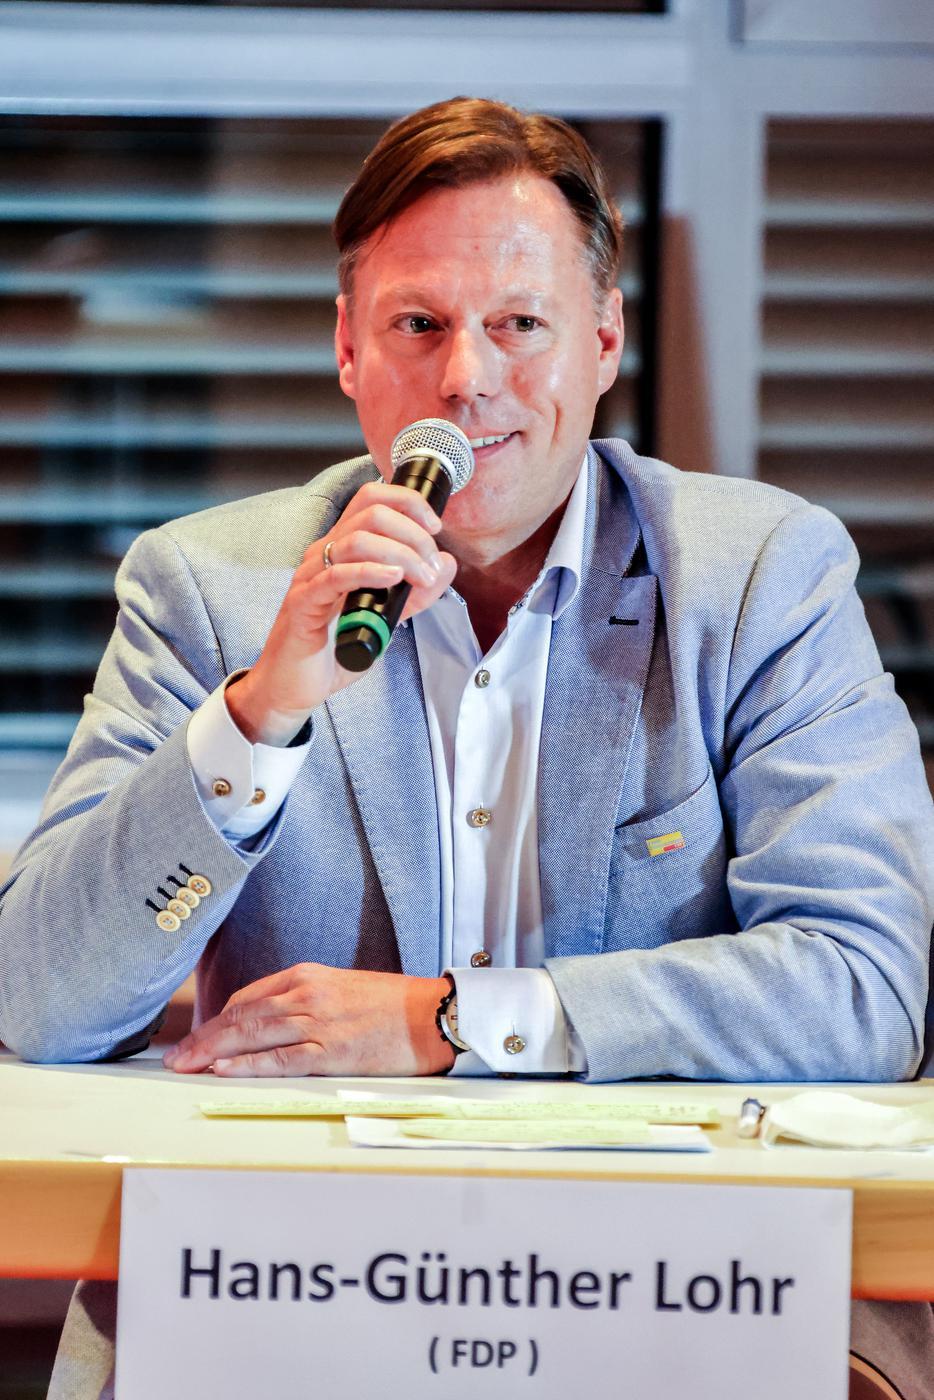 Hans-Günther Lohr von der FDP bei der Diskussionsrunde in Bretten.